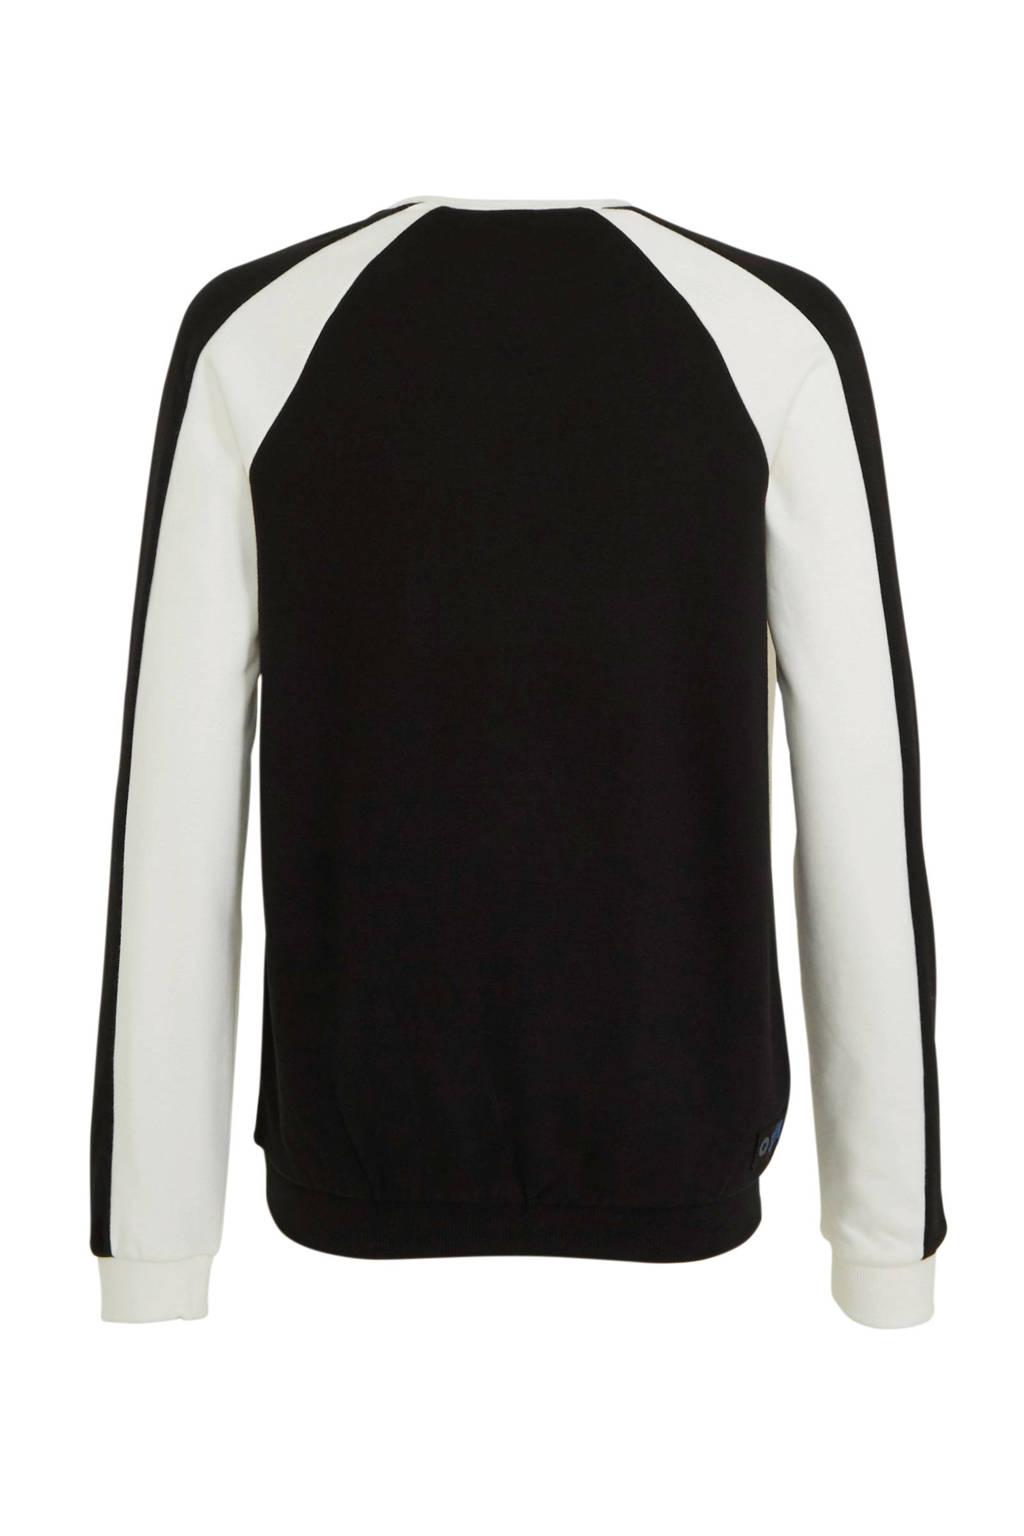 s.Oliver sweater met contrastbies ecru/zwart, Ecru/zwart